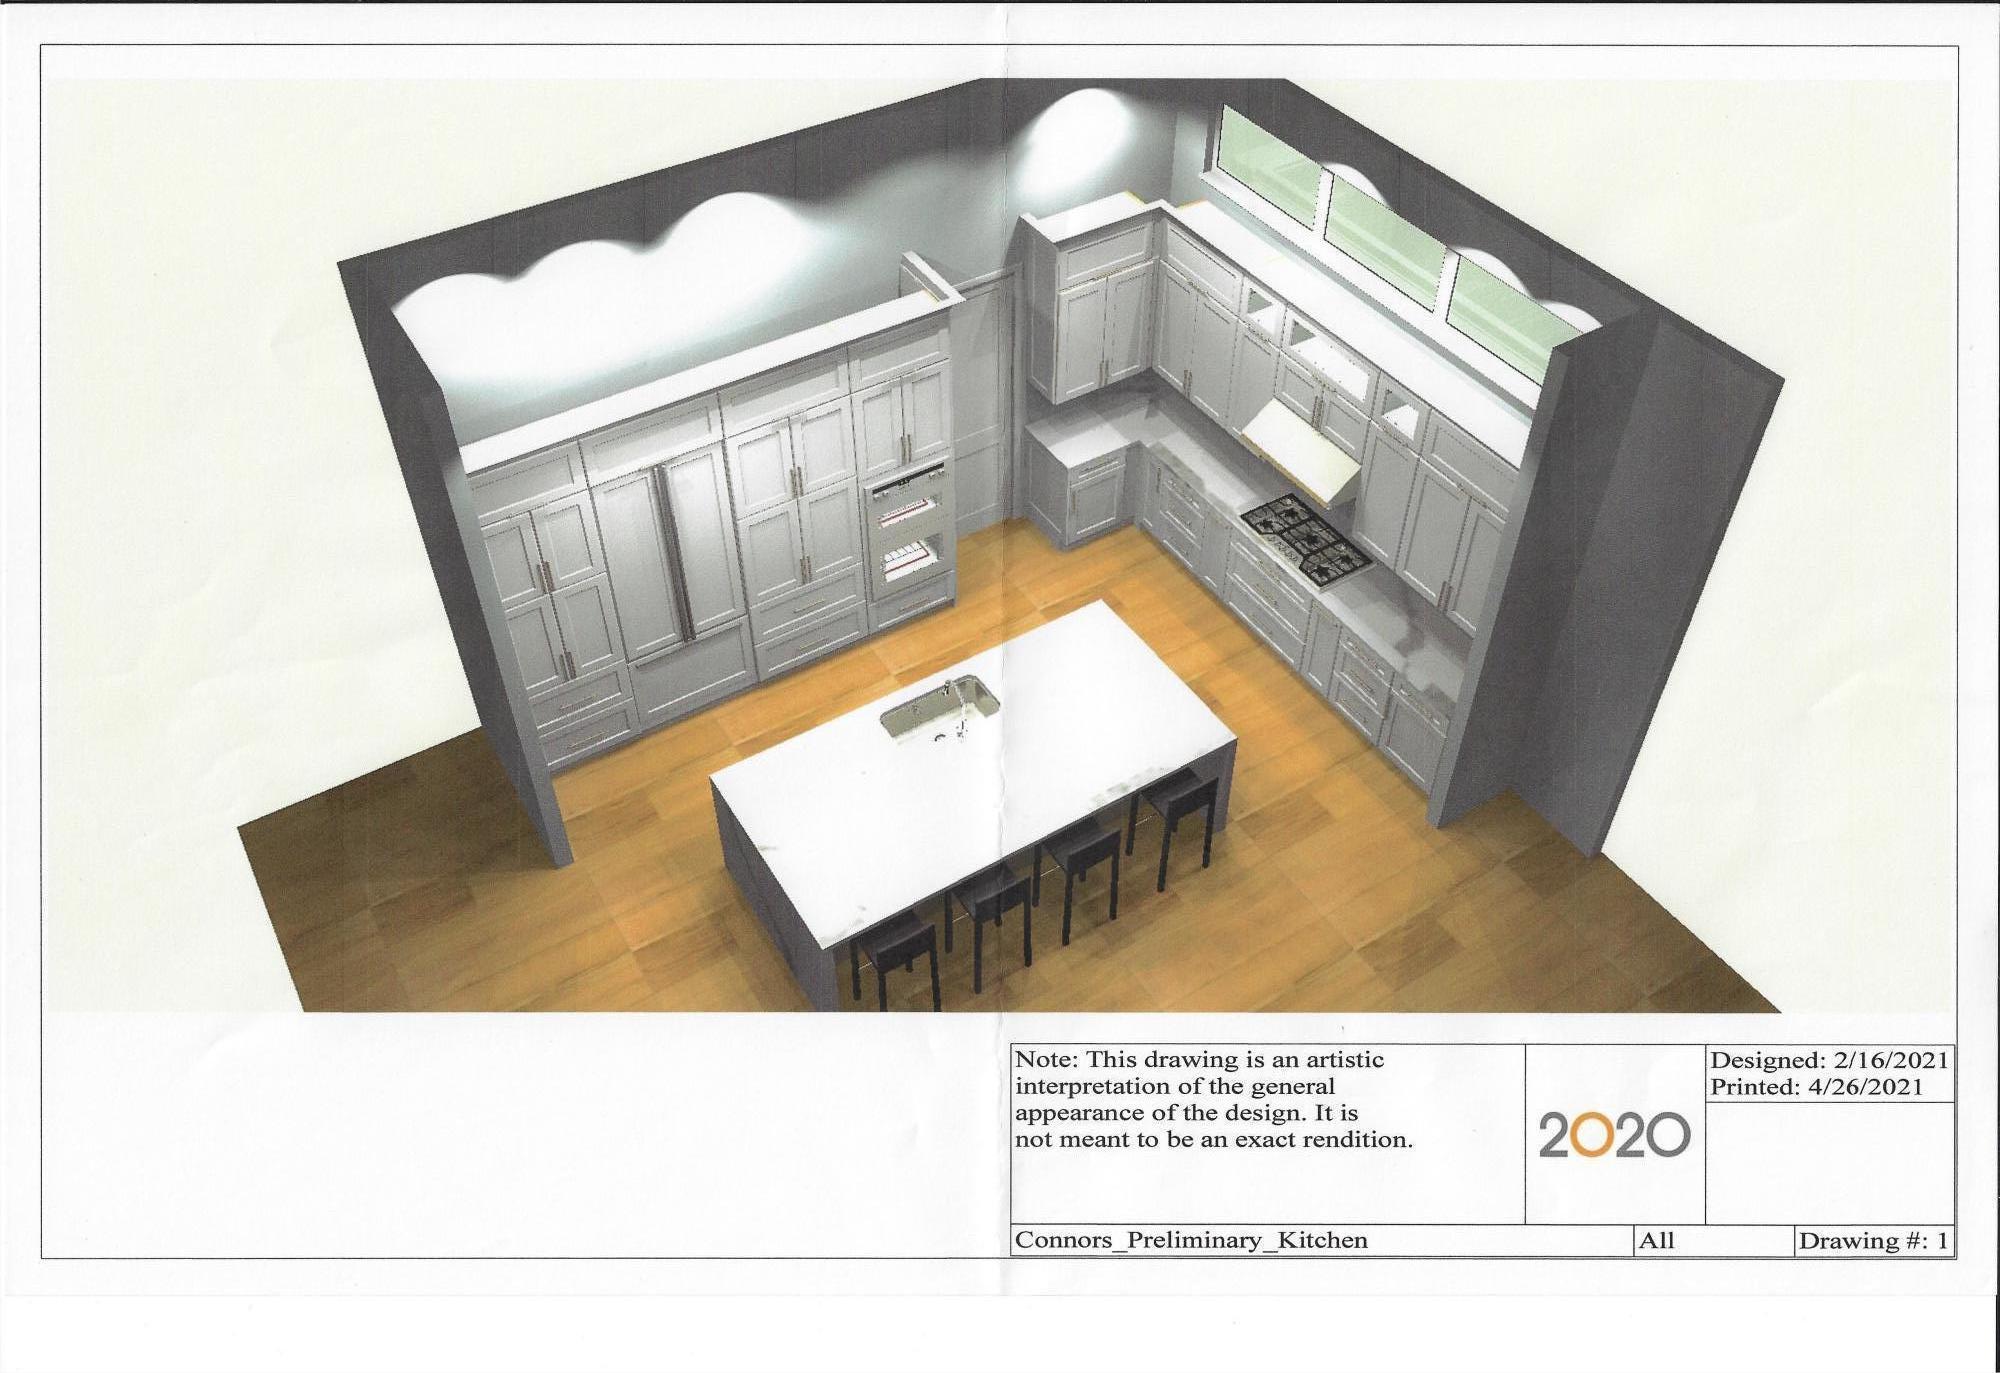 New Kitchen Deisgn